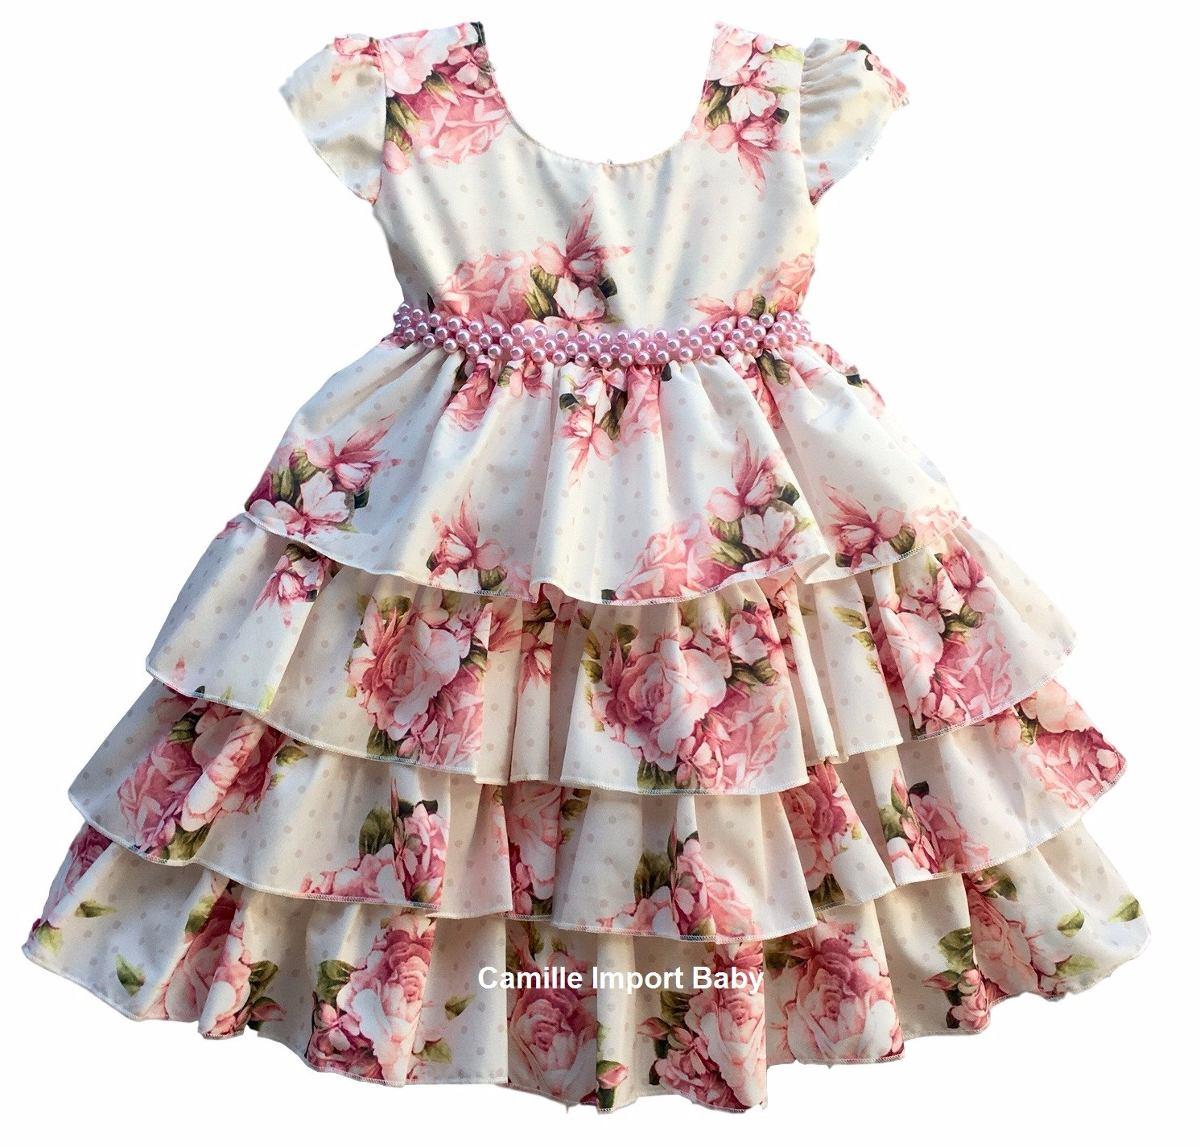 beb0b6825d vestido infantil festa luxo princesa floral e tiara promoção. Carregando  zoom.